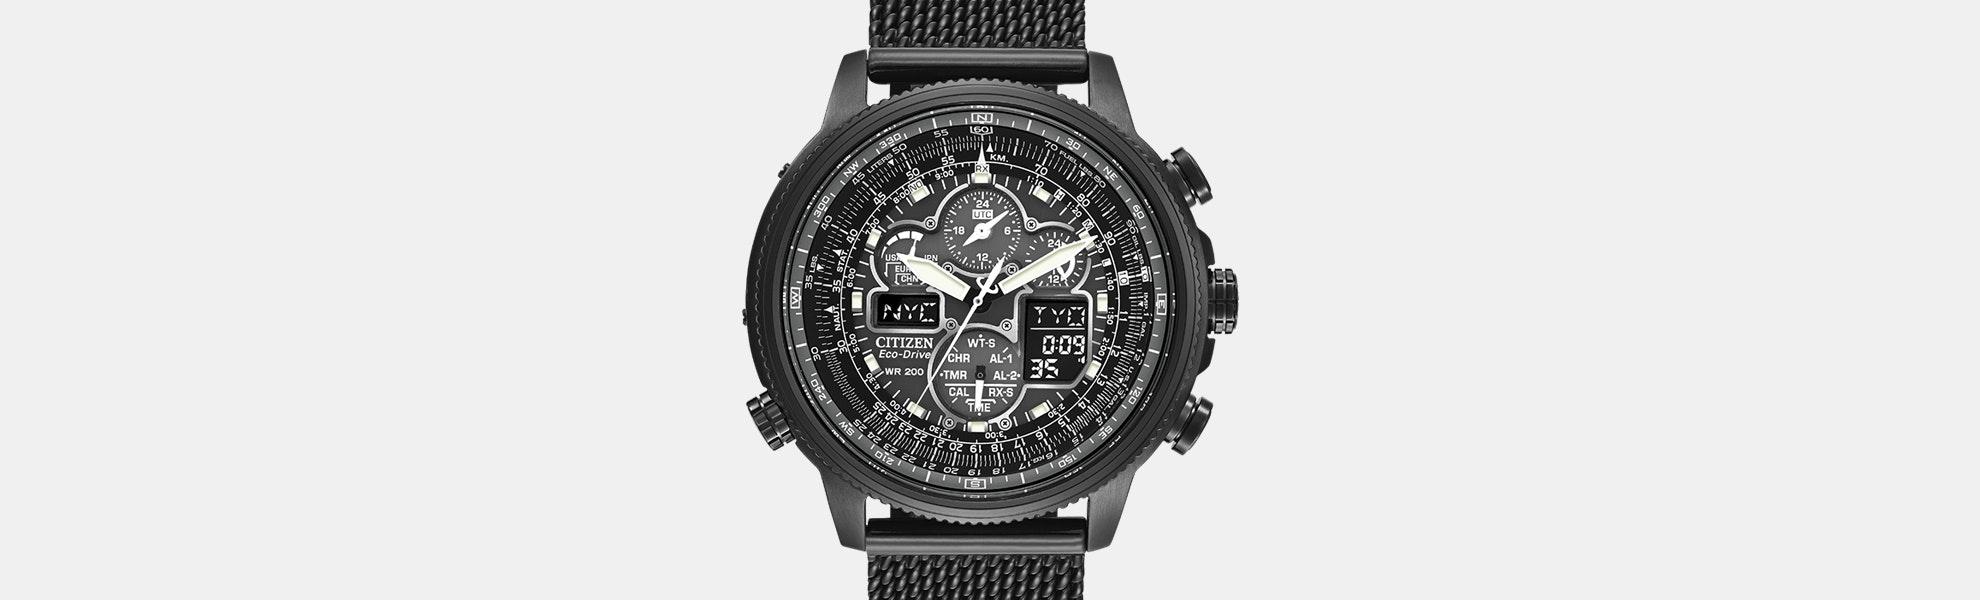 Citizen Promaster Navihawk A-T Solar Watch